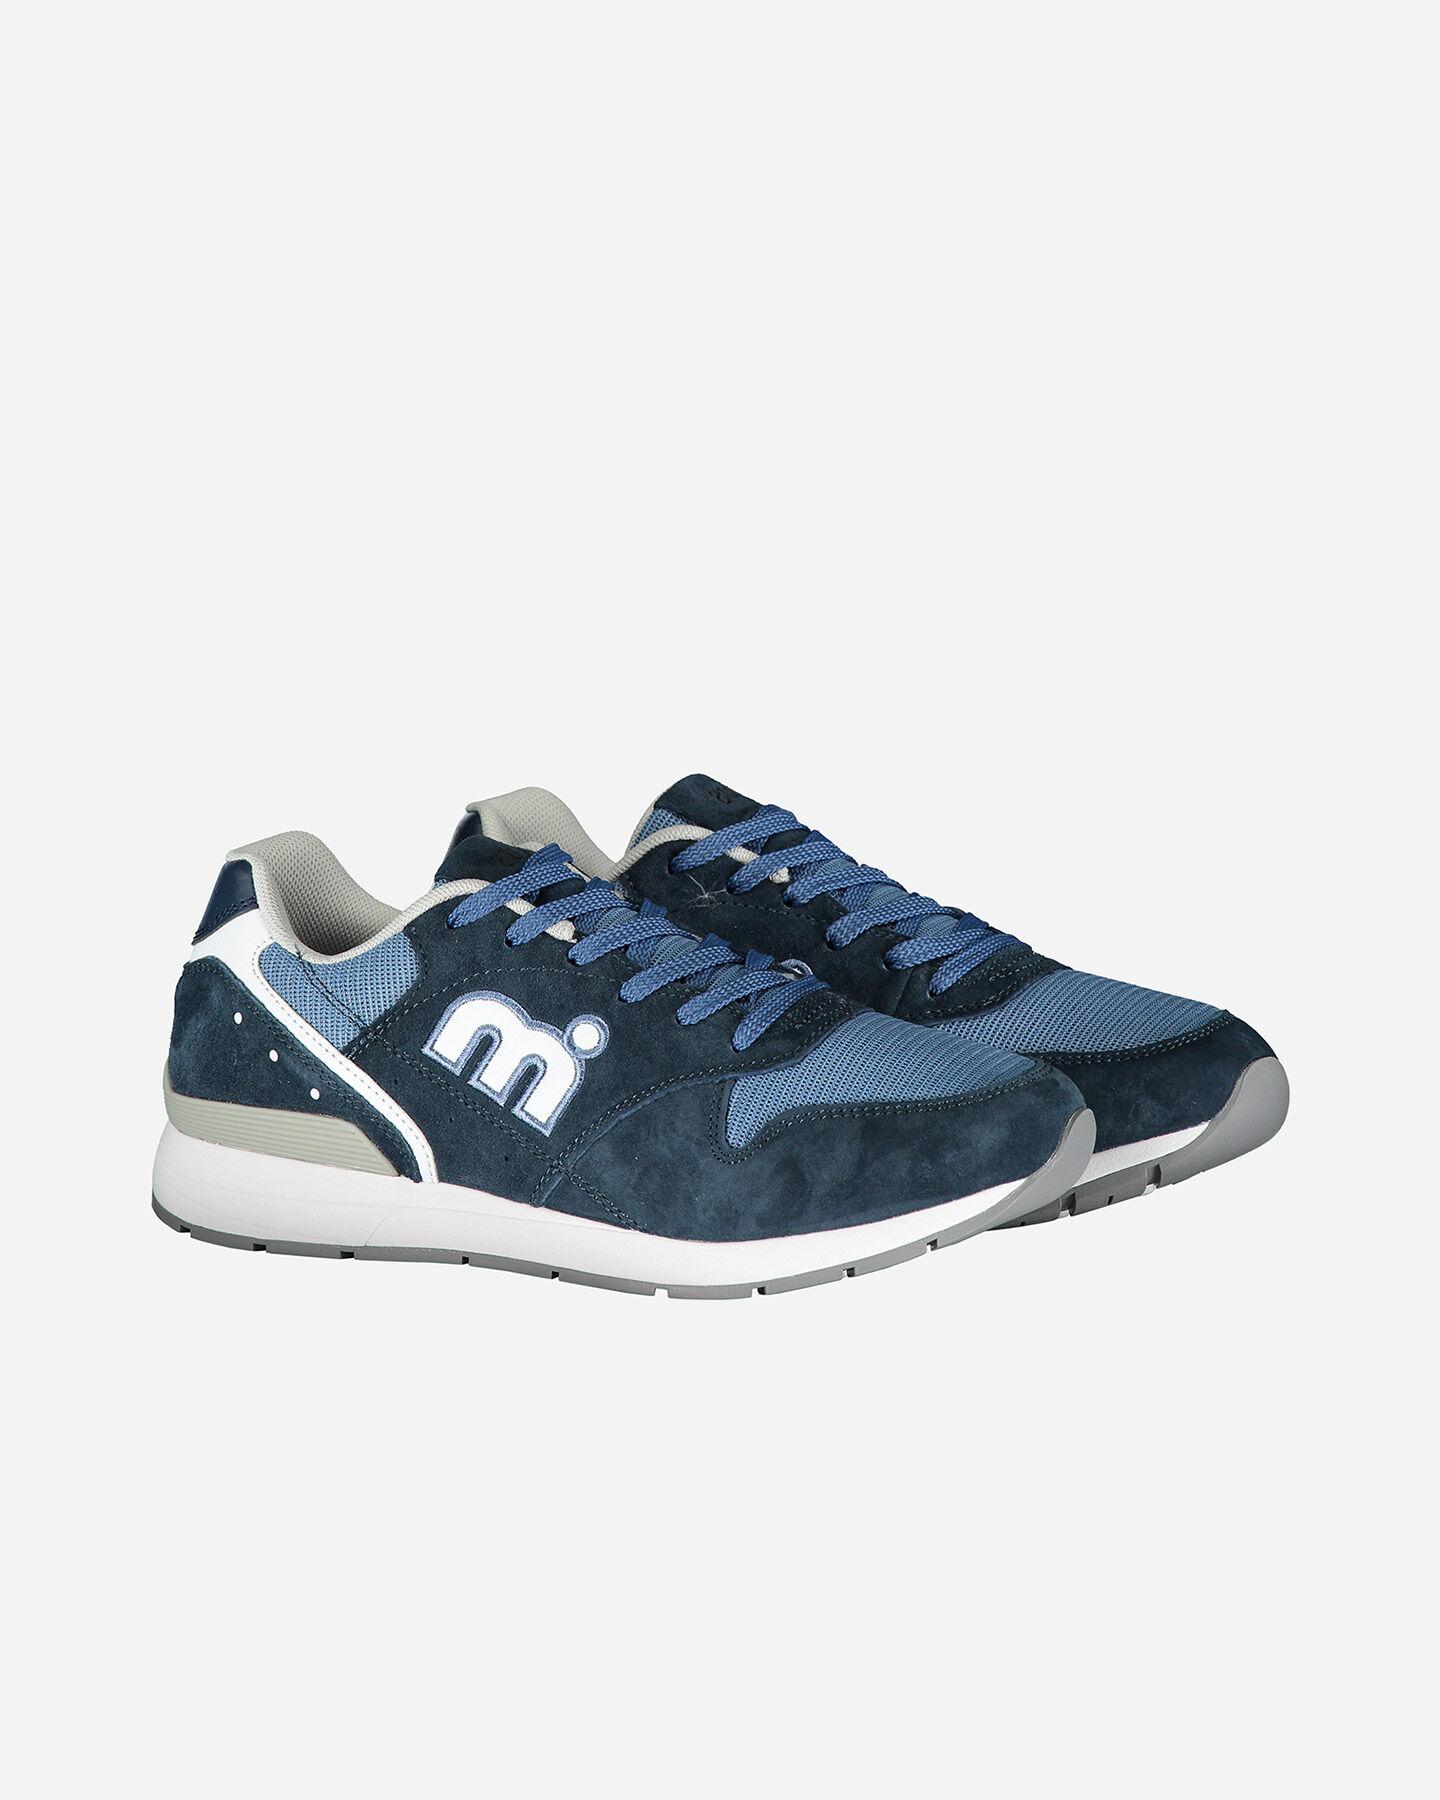 Scarpe sneakers MISTRAL 80'S M S4077398 scatto 1